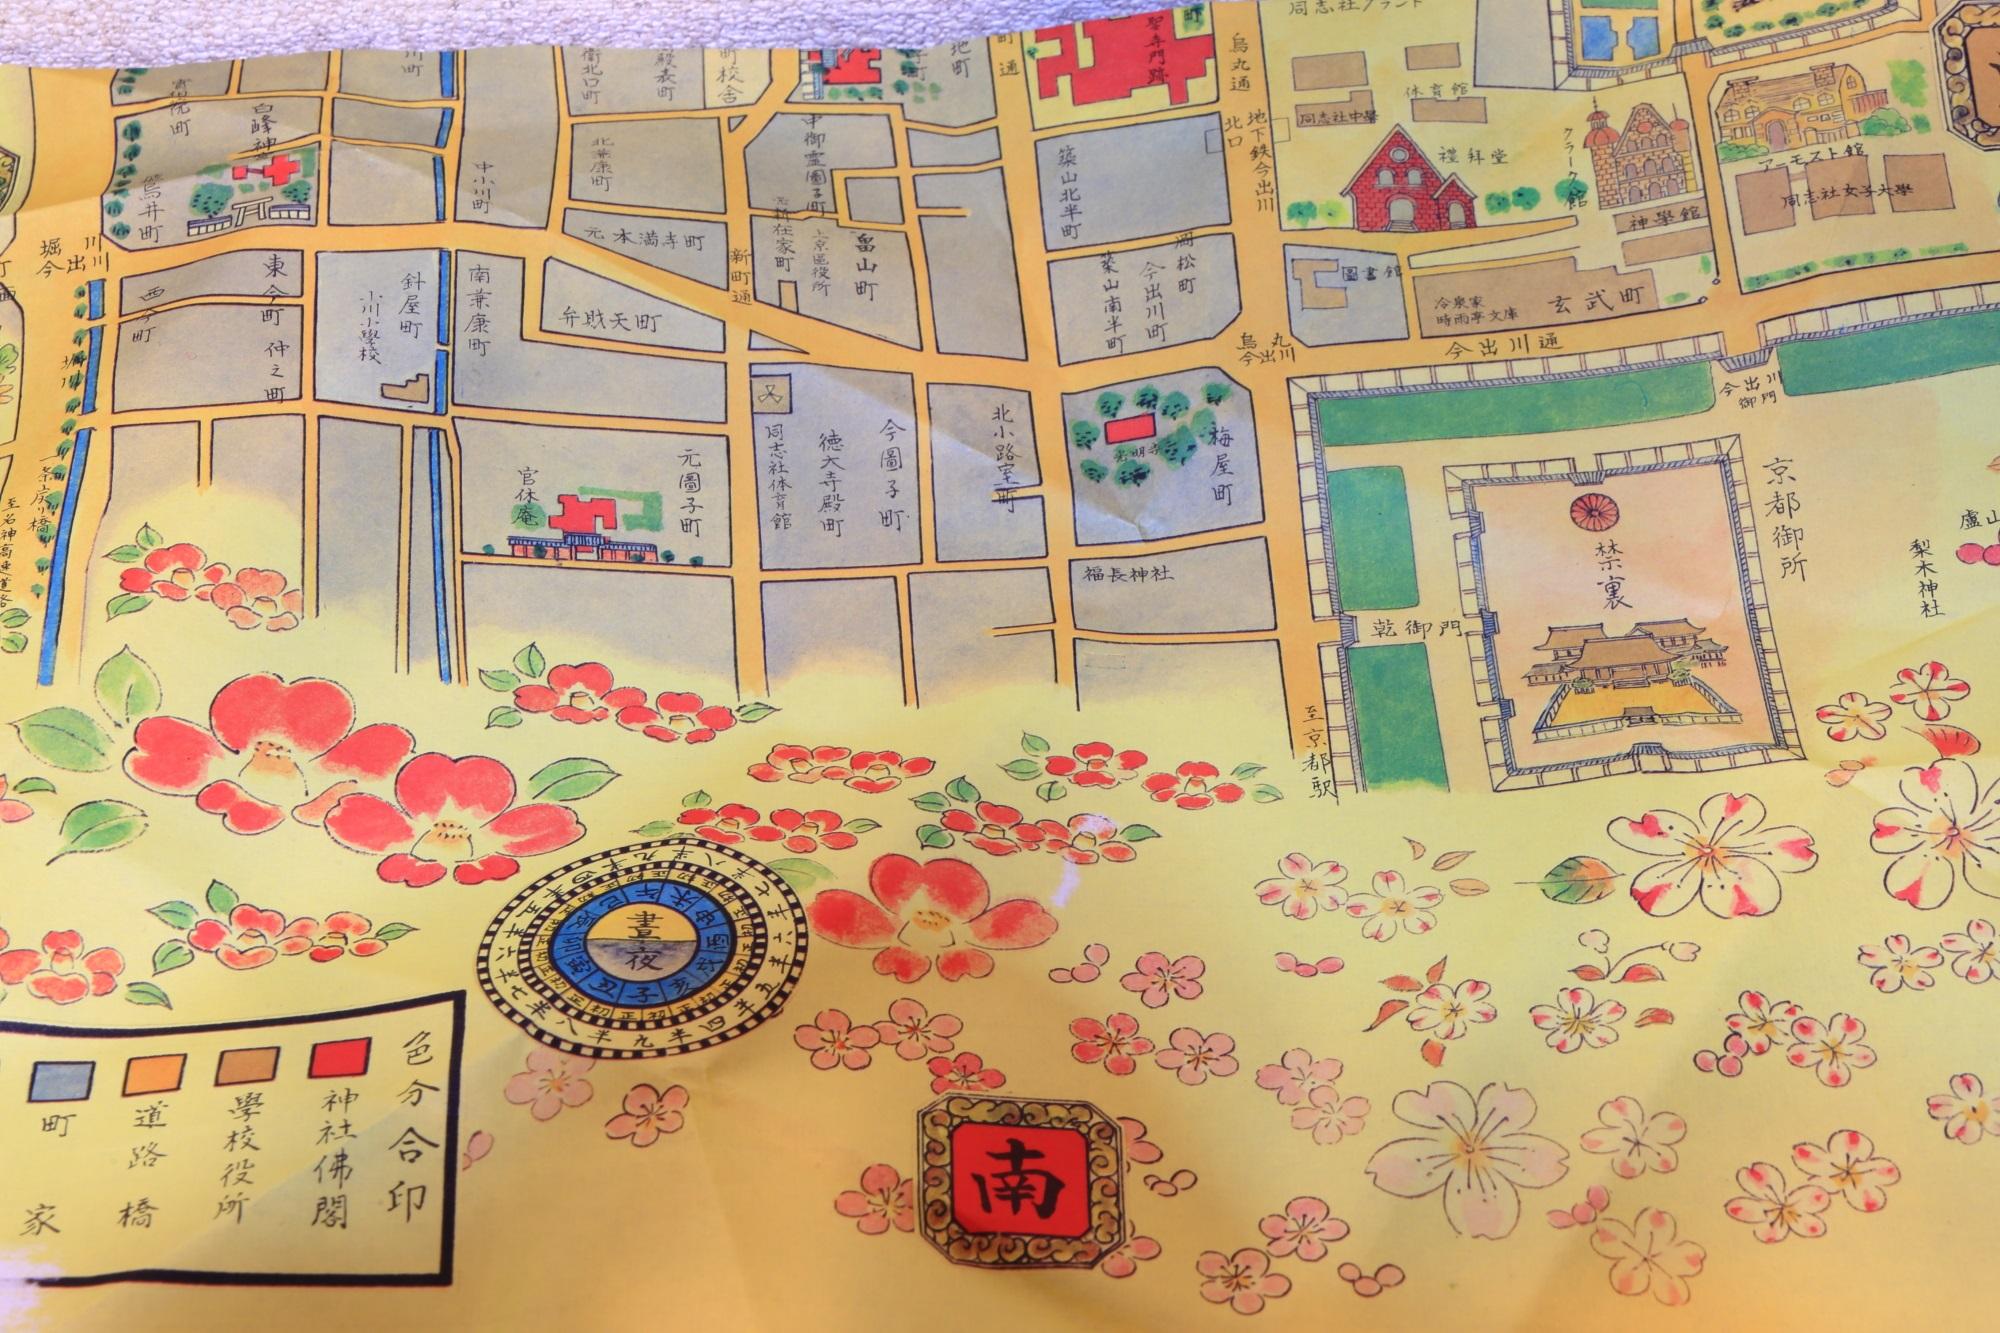 俵屋吉富 祇園店限定の京まいこちゃんボンボンの地図の包装紙